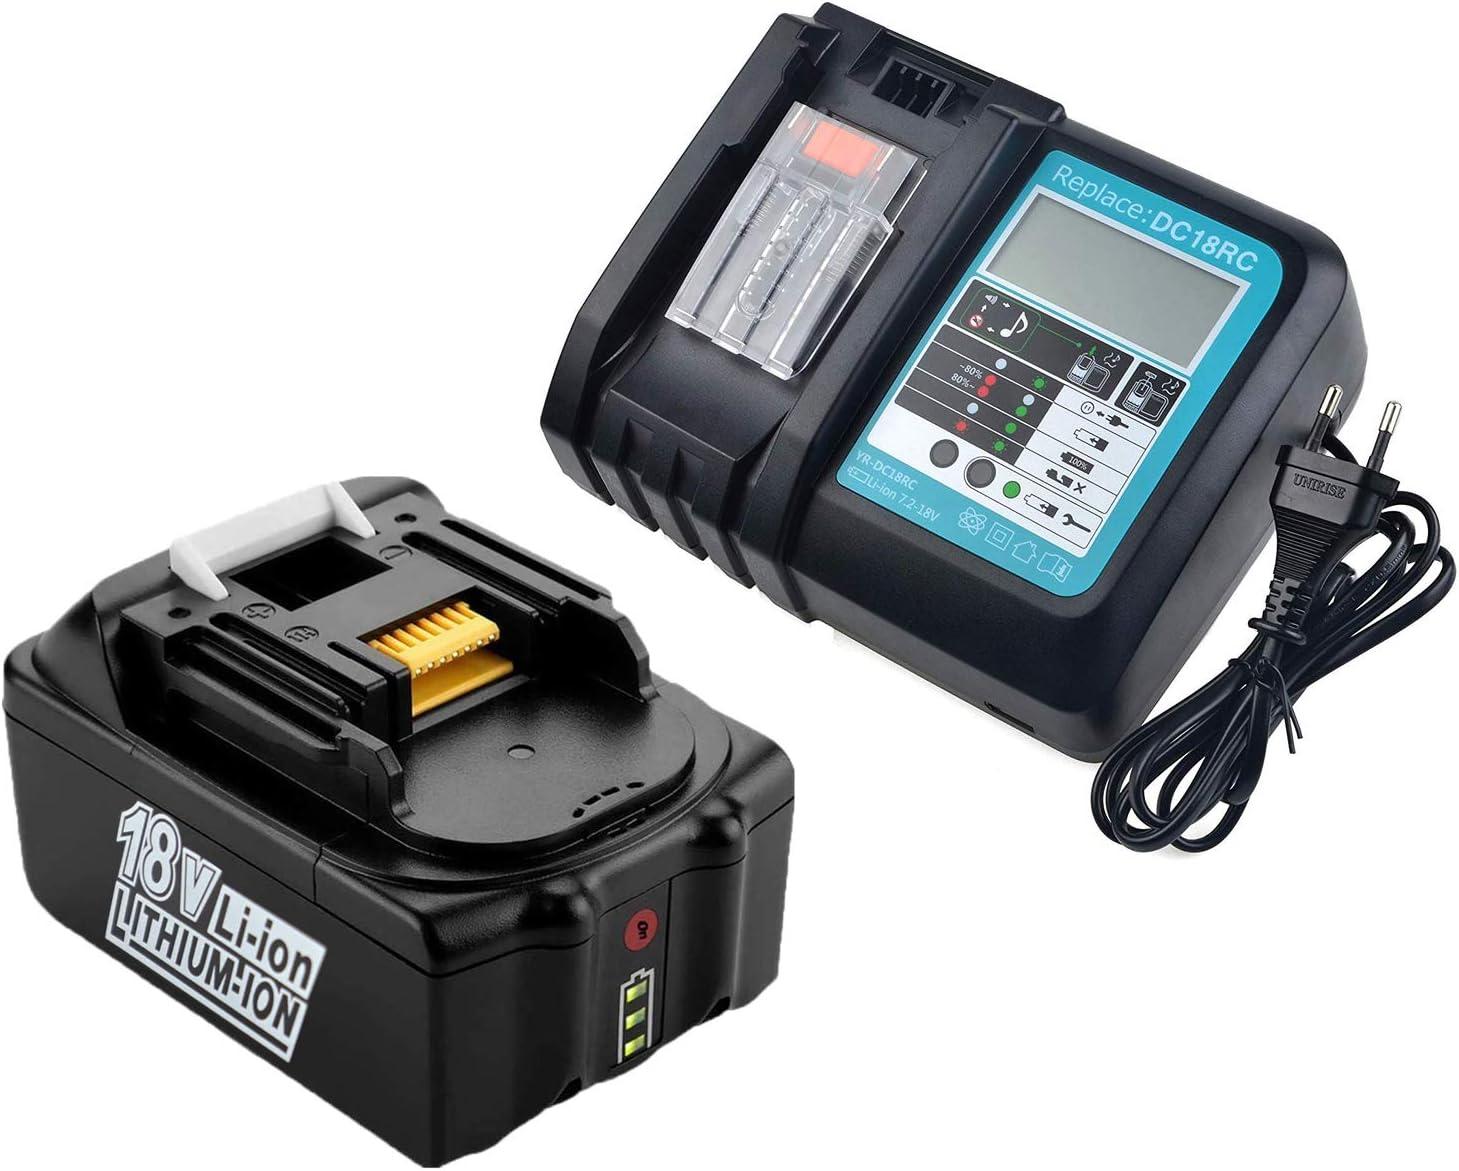 18V 5,0Ah BL1850B Batería con Cargador DC18RC Makita Reemplazo para Makita BL1850 BL1850B BL1860B BL1840 BL1830 BL1815 194204-5